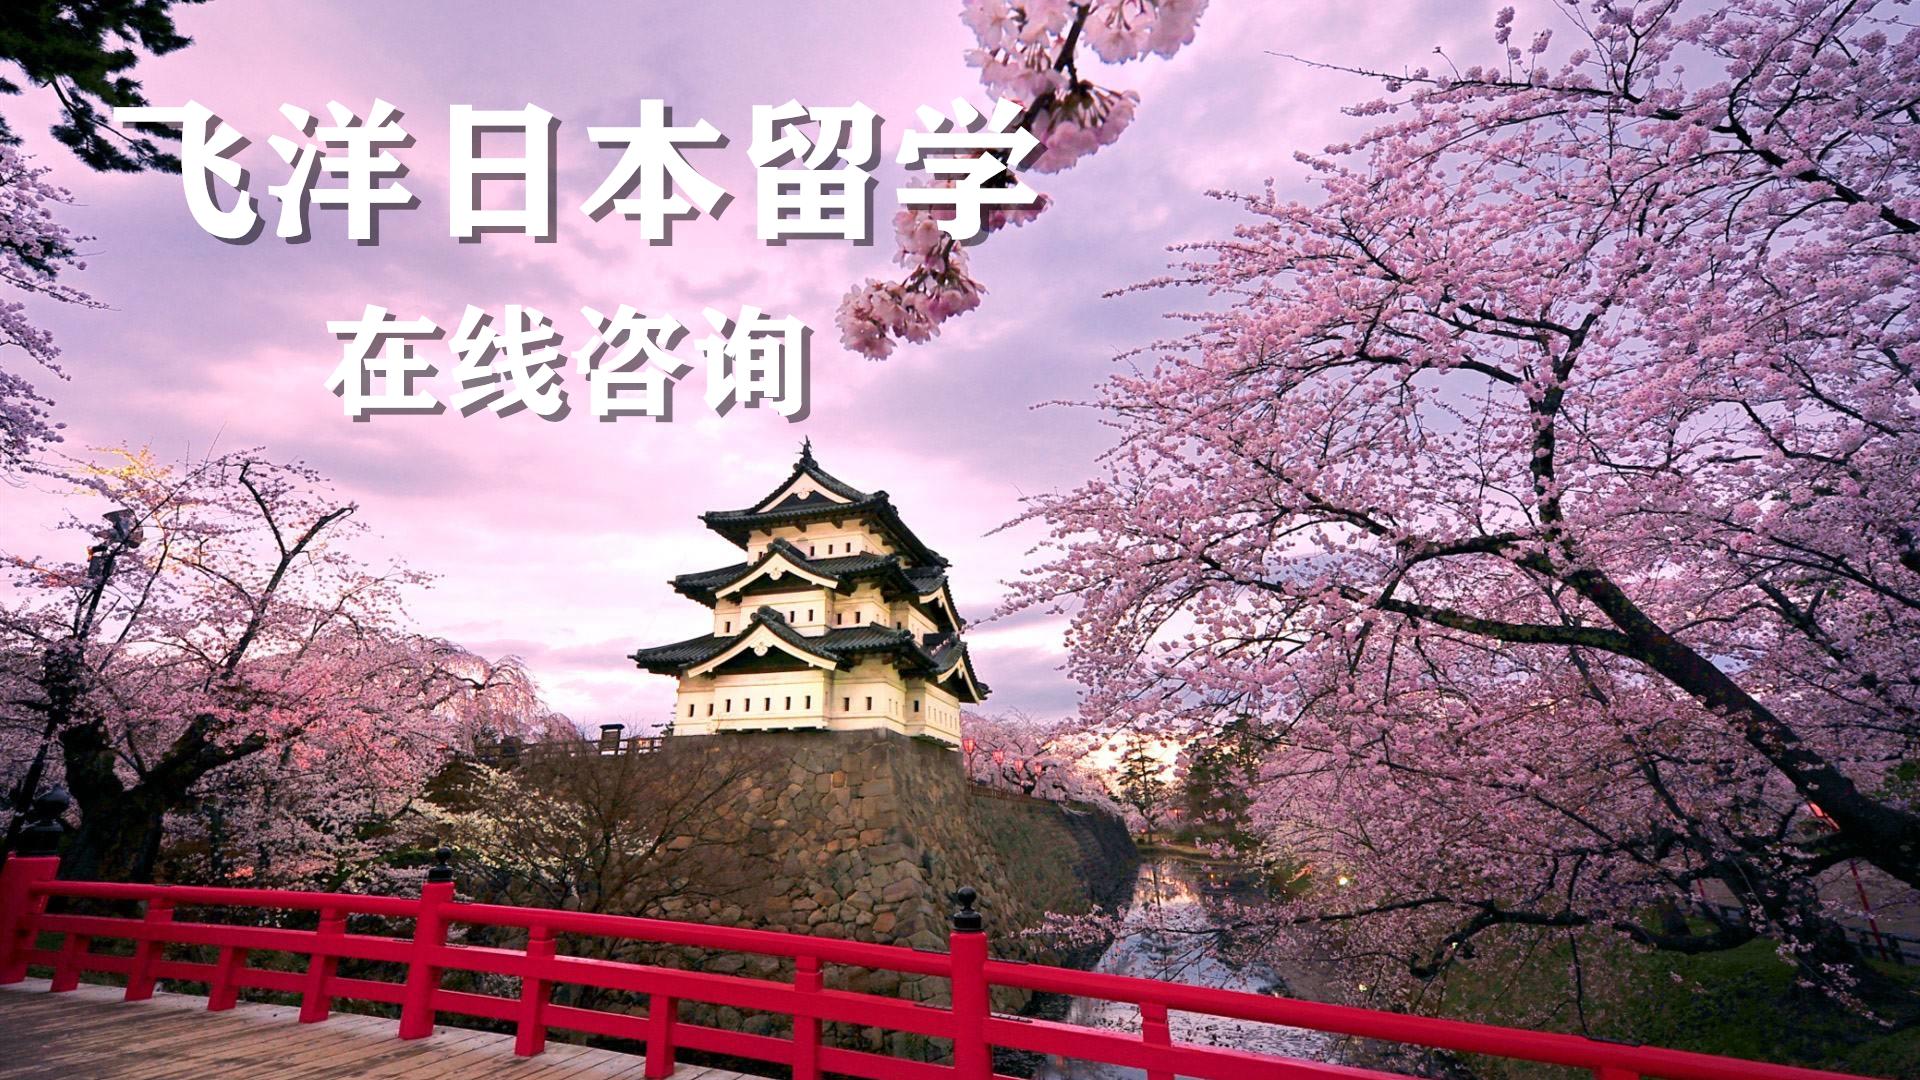 商丘日本留學機構-商丘申請日本留學課程